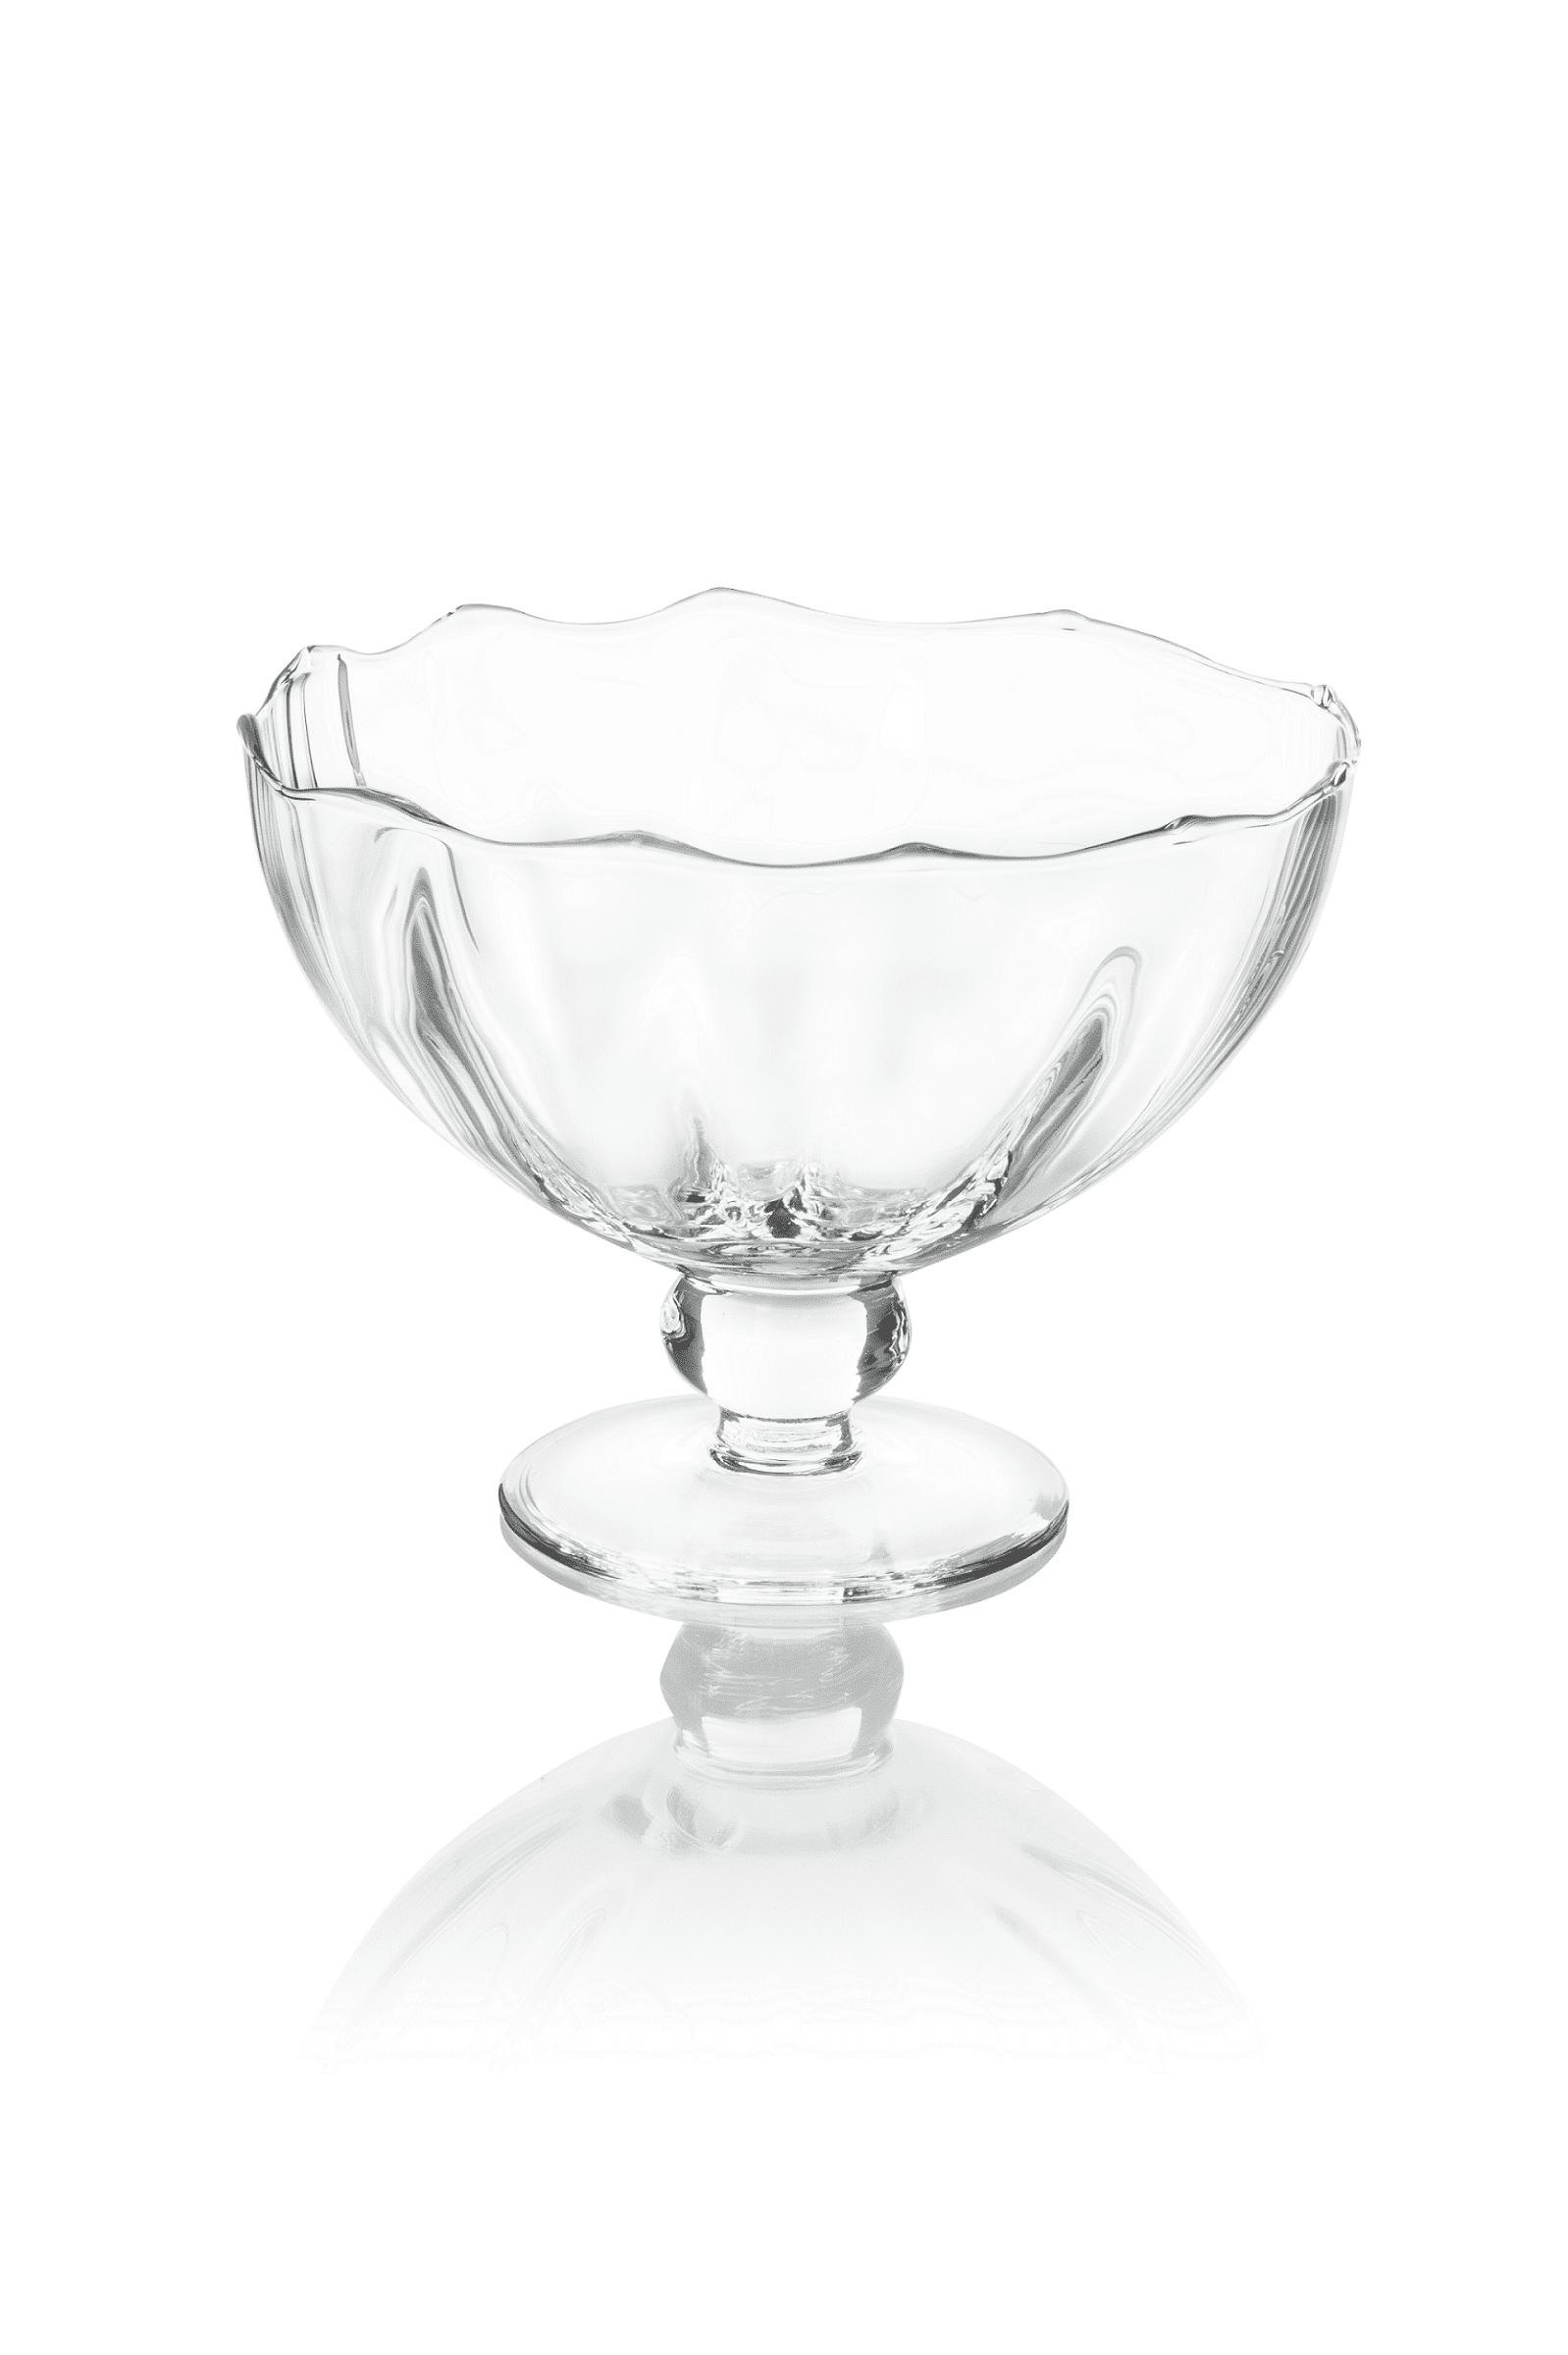 Pucharek do deserów i lodów Patricia mały